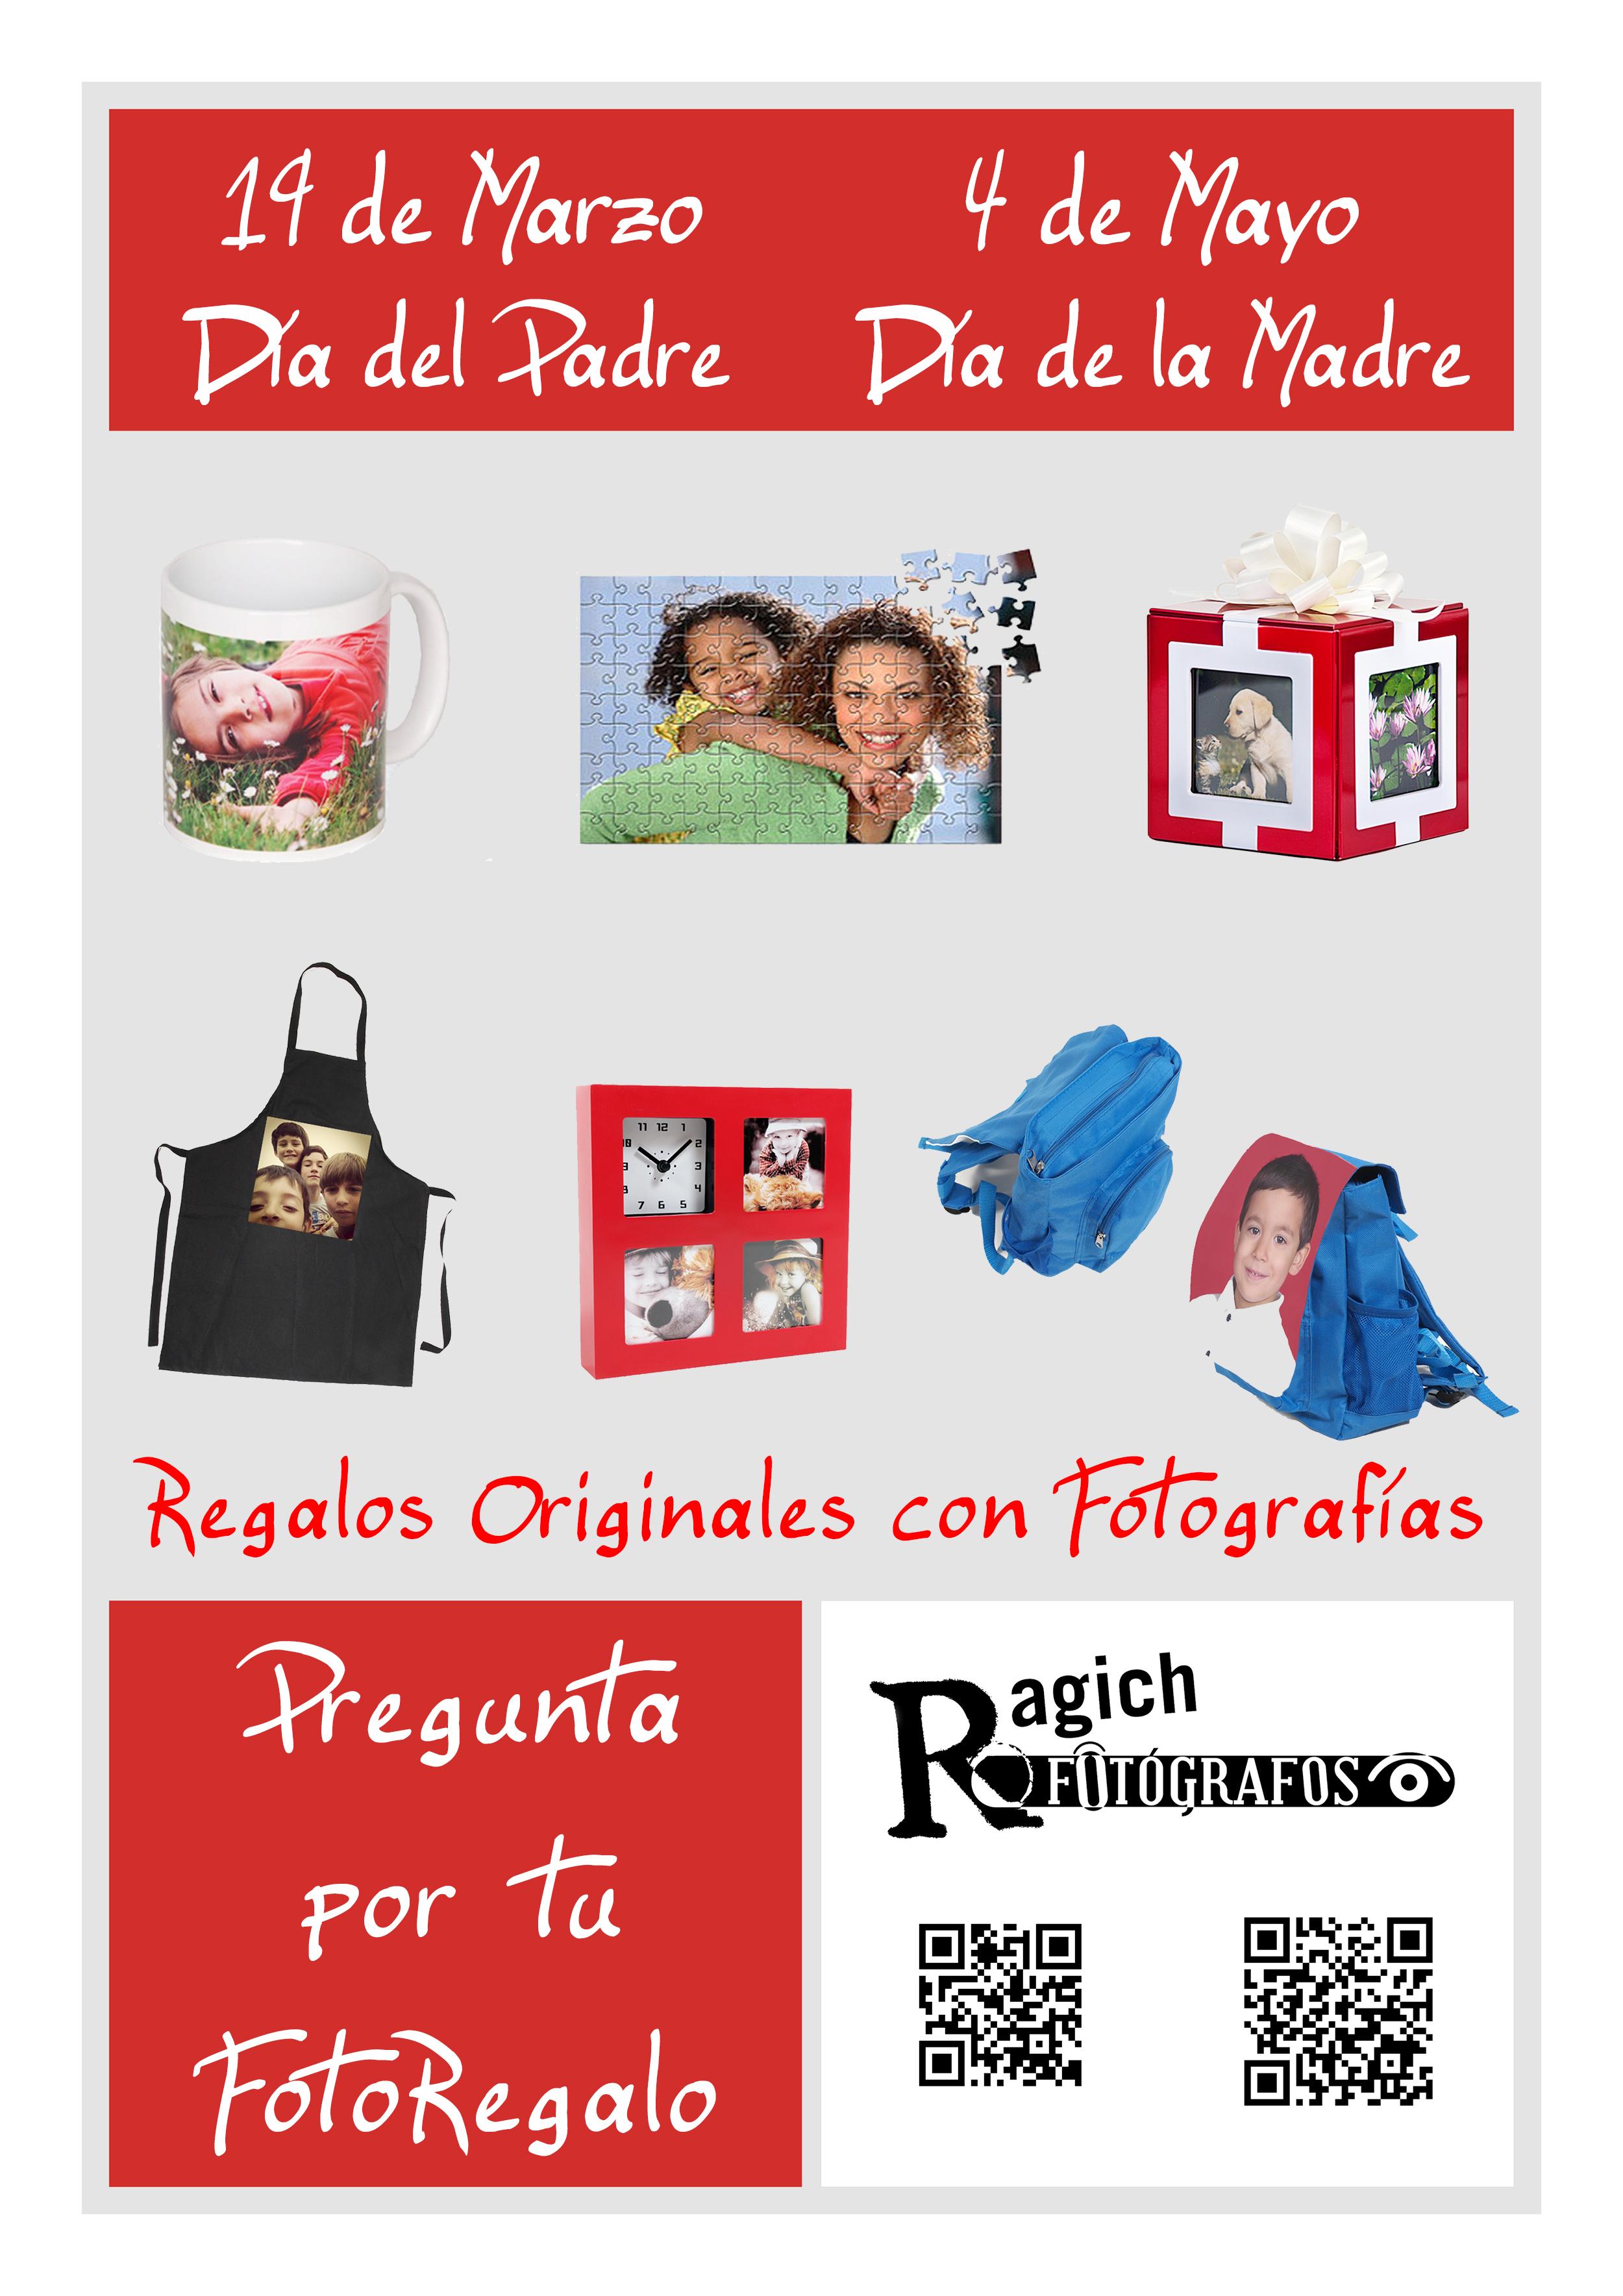 Foto regalos en Ragich Fotógrafos - Cáceres